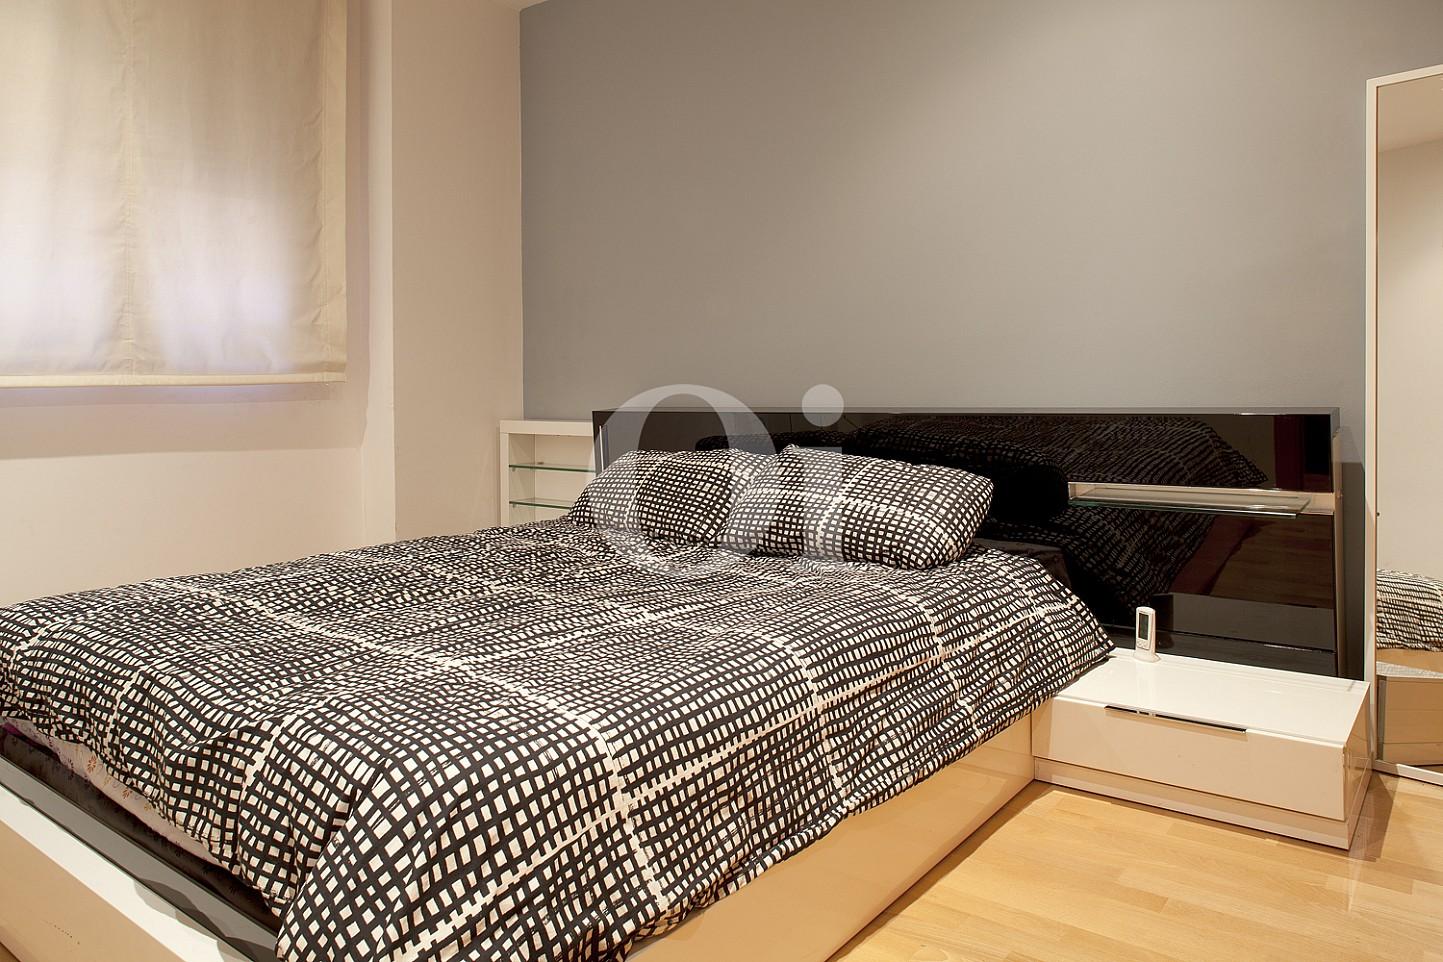 Dormitori molt ampli